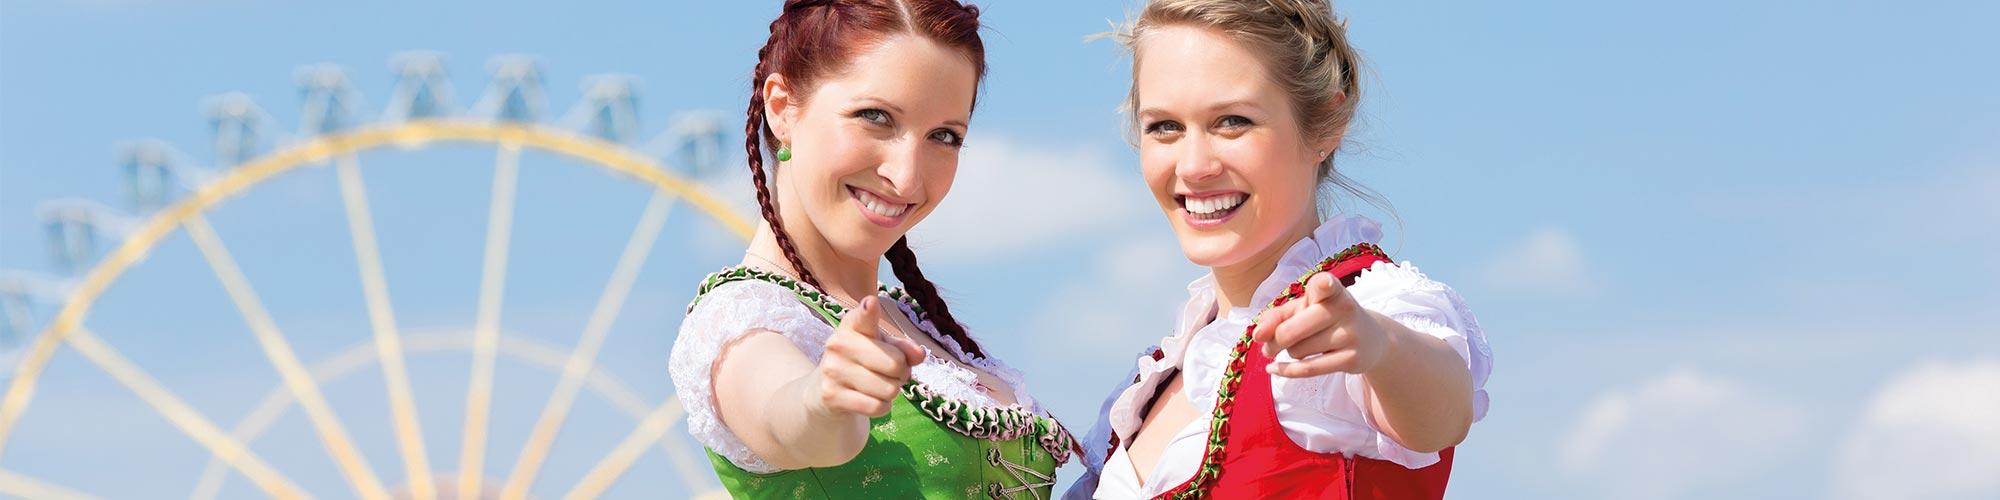 Frauen mit Dirndl Volksfest